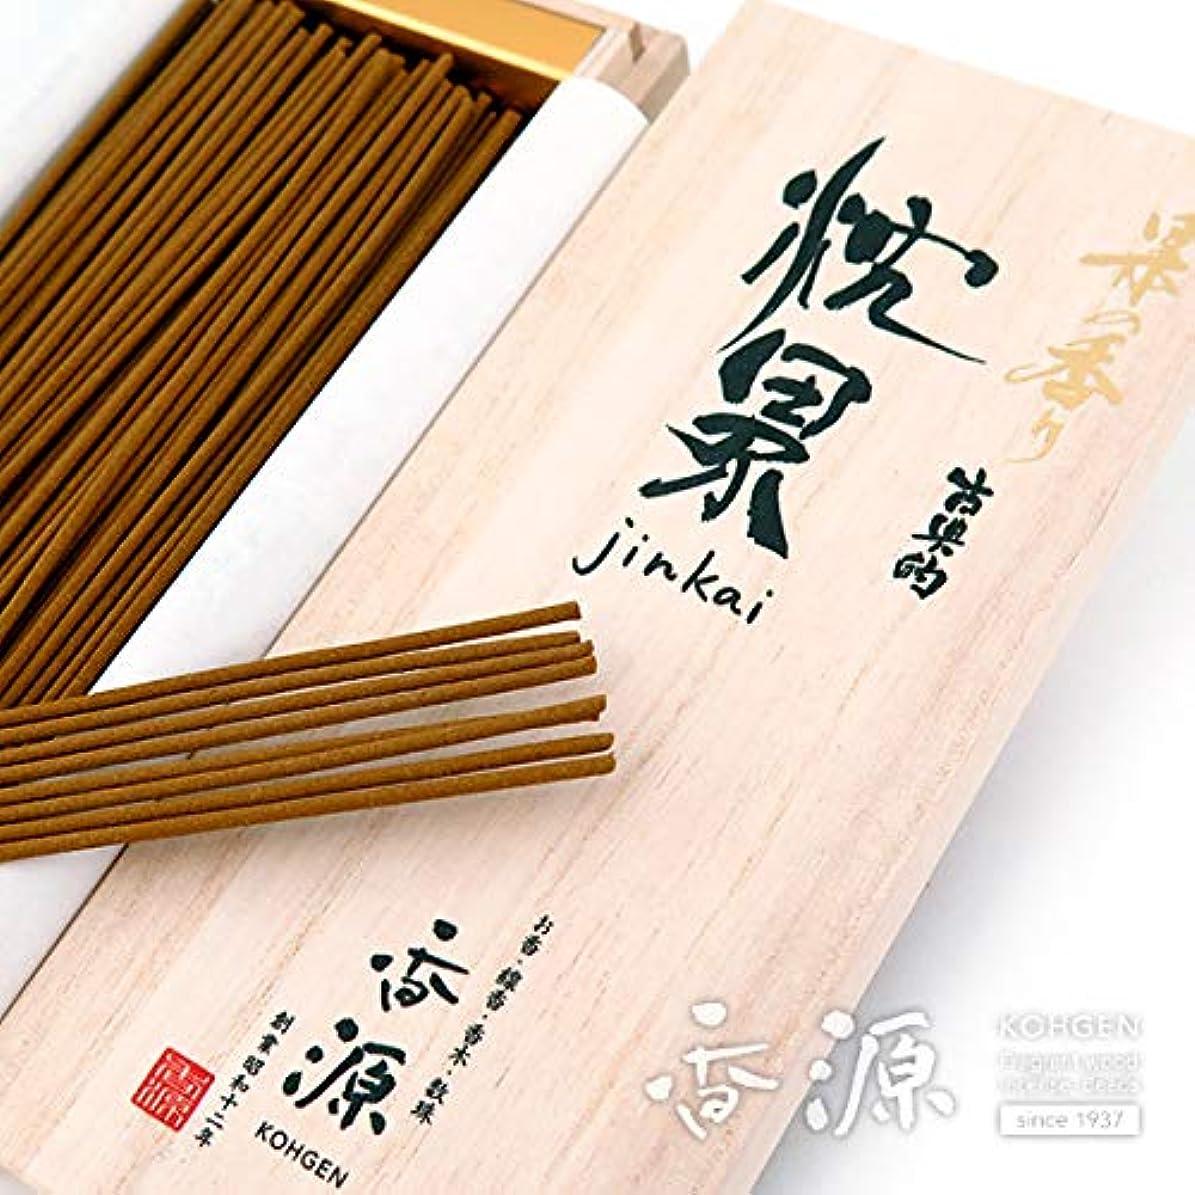 討論雨鳴り響く香源オリジナル 日本の香り 沈界 短寸桐箱入 お香 お線香 スティック型インセンス 完全限定品 沈香